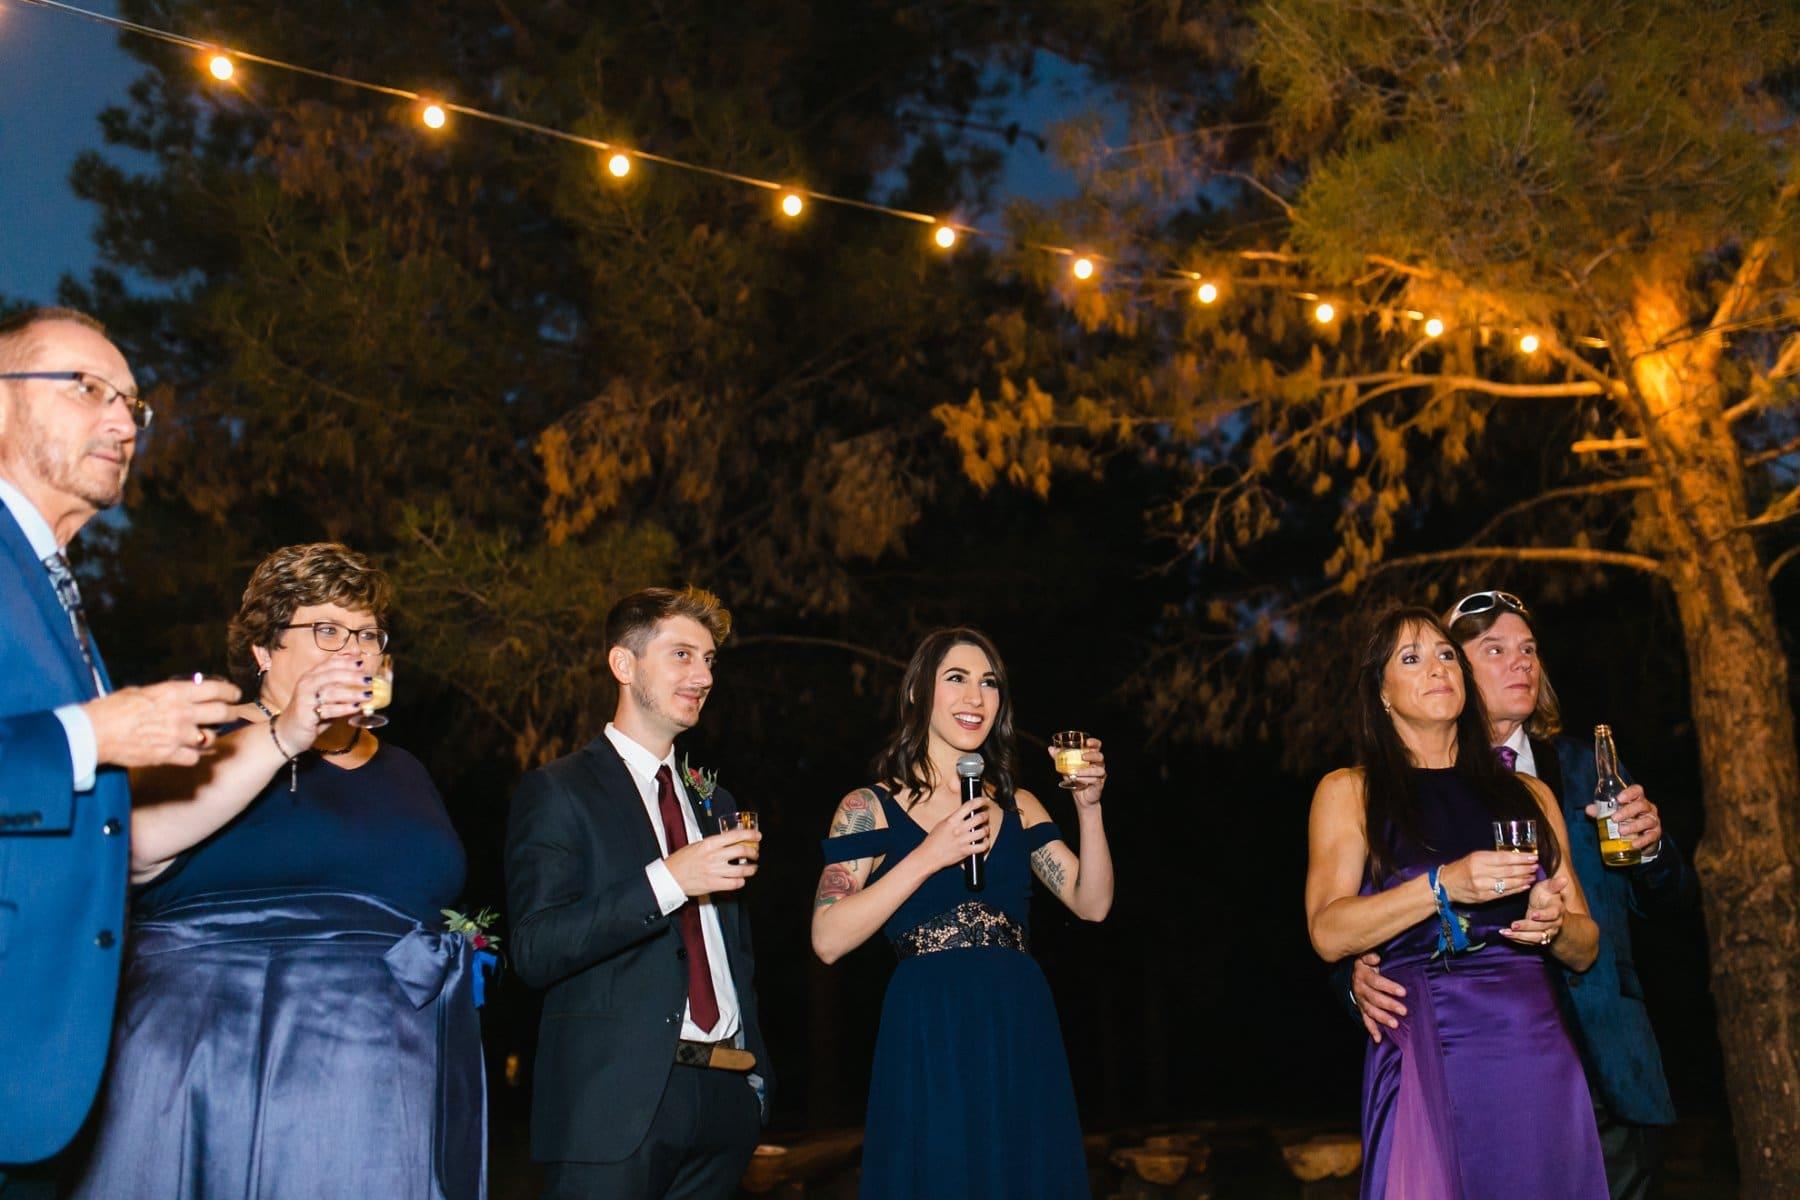 Schnepf Farms outdoor wedding venue reception